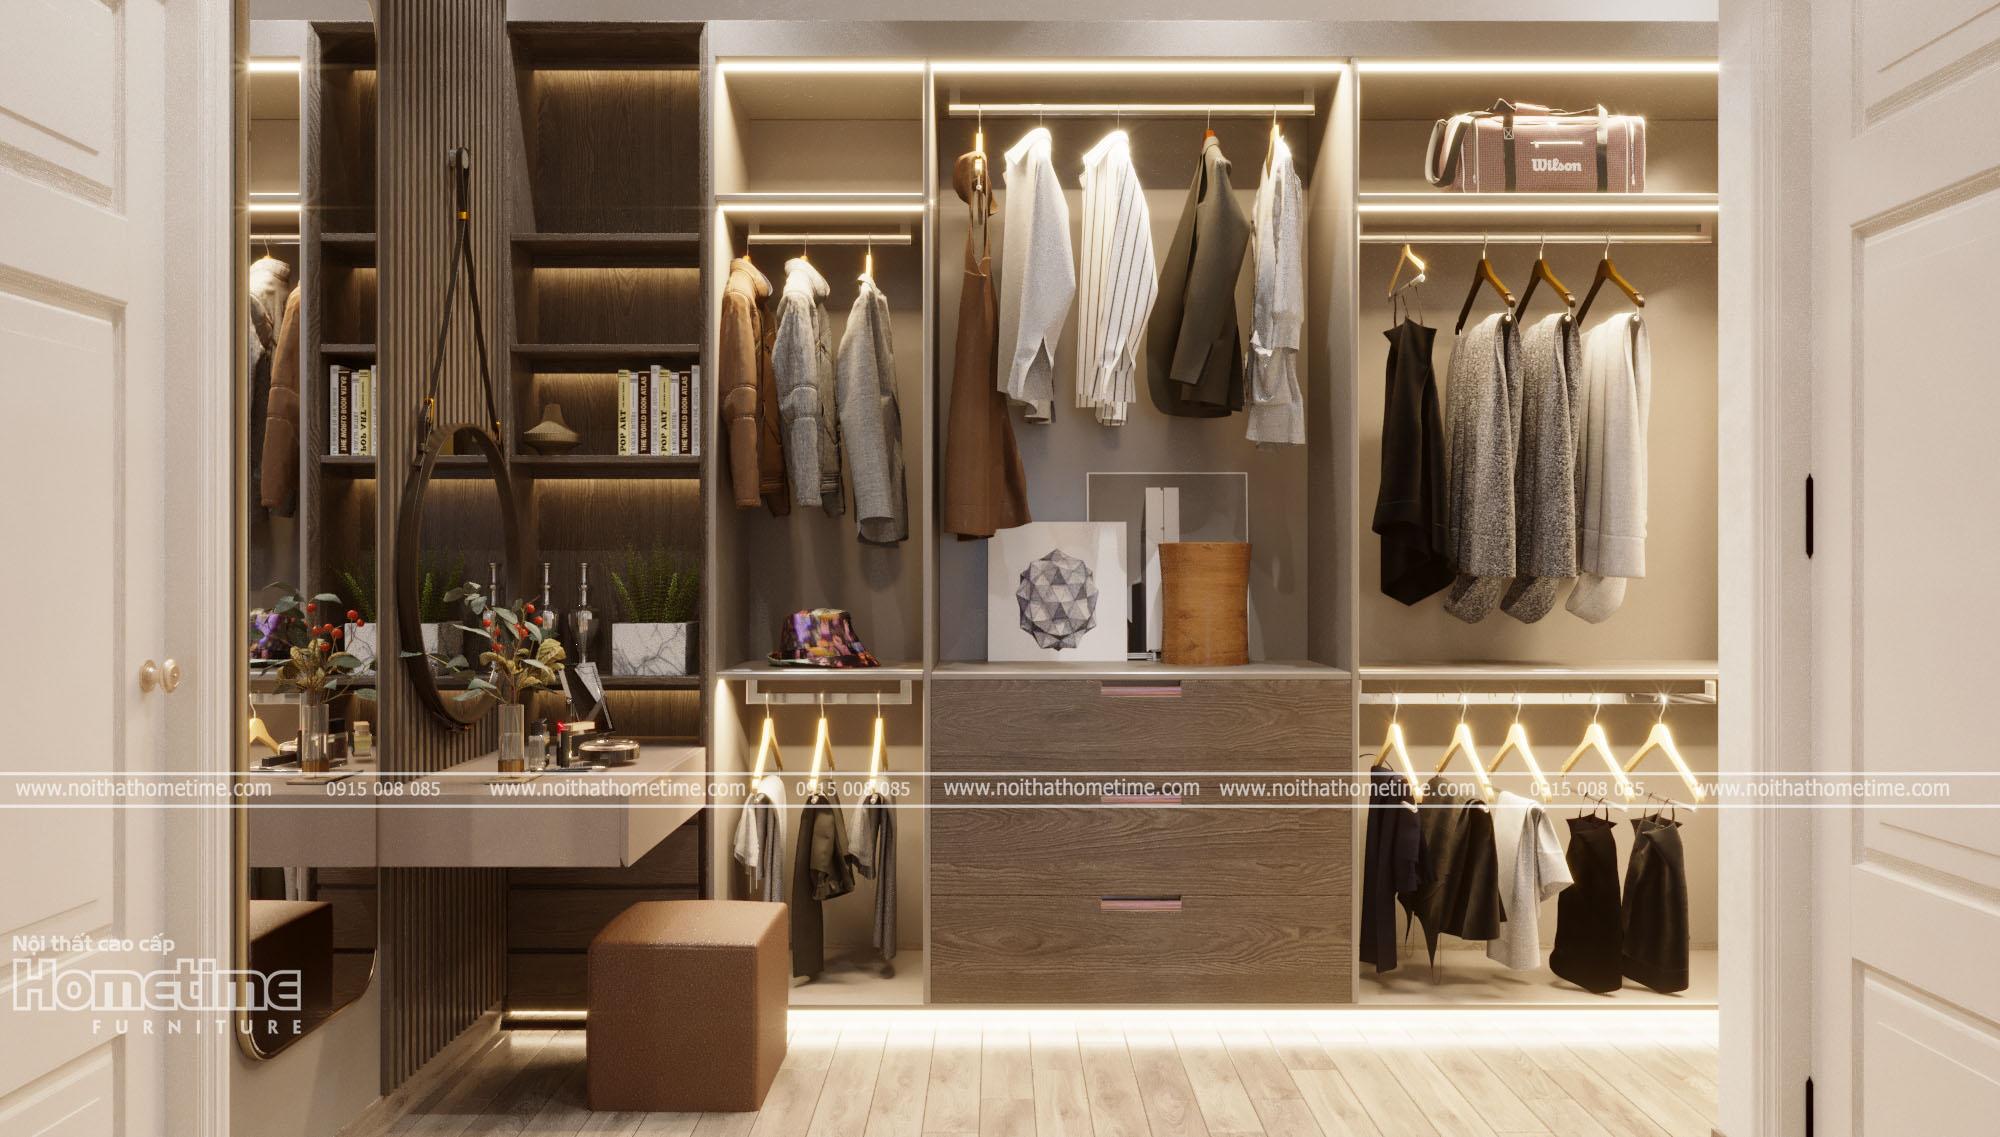 Thiết kế nội thất phòng ngủ - Tủ quần áo màu vân gỗ